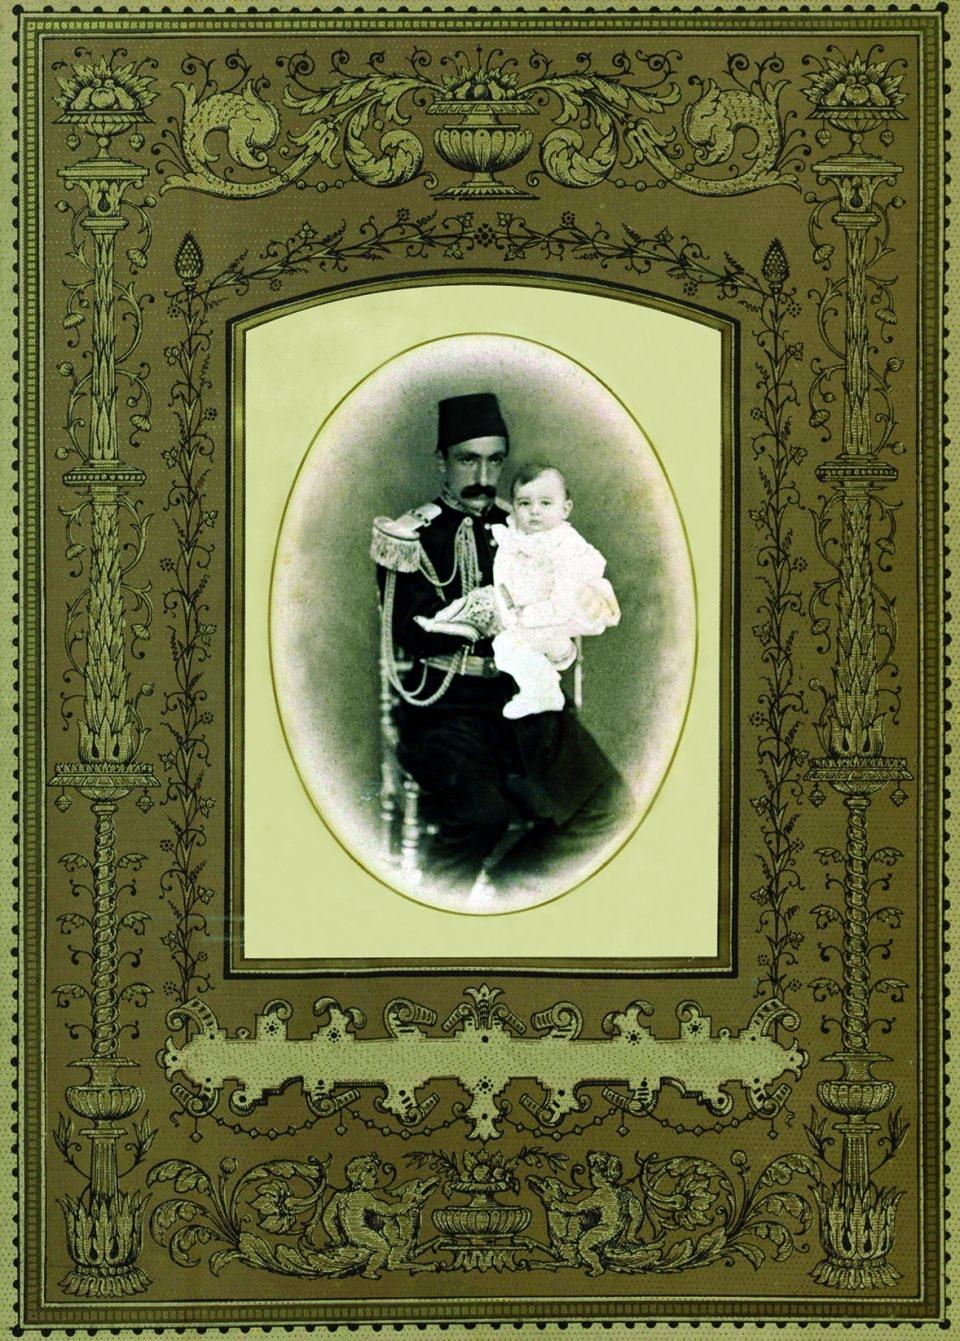 Sultan 2. Abdülhamit'in görmediğiniz aile albümü 17